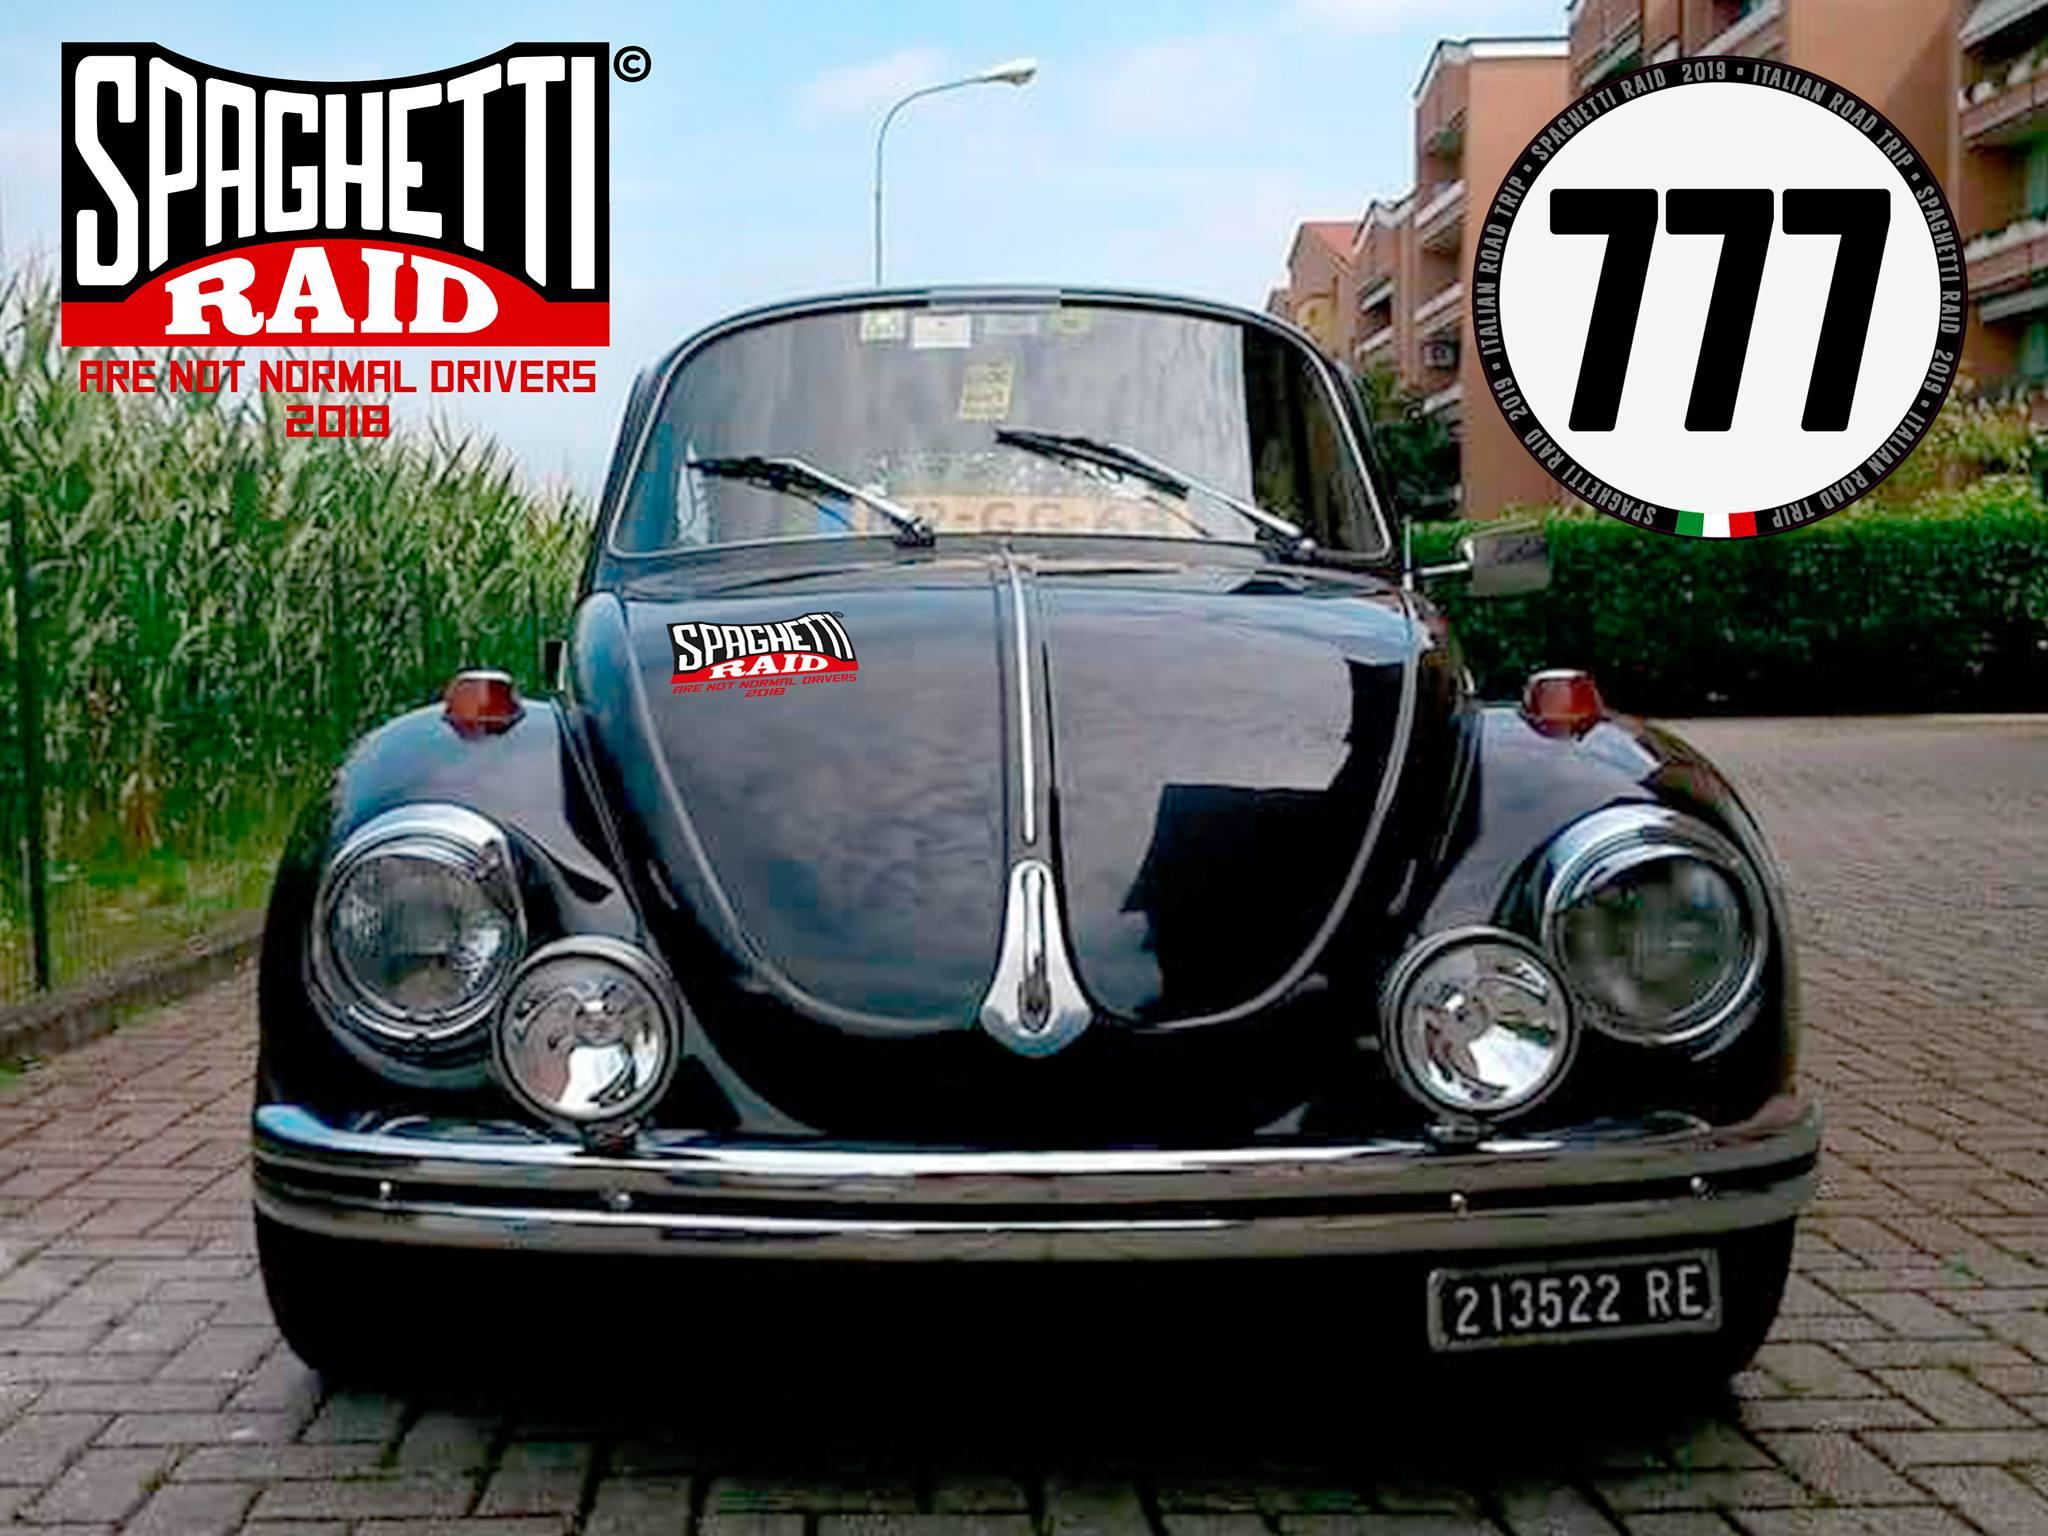 Team Z.N.P. #777 MAGGIOLONE 13AB1 1289cc del '73 CIttà: Reggio Emilia